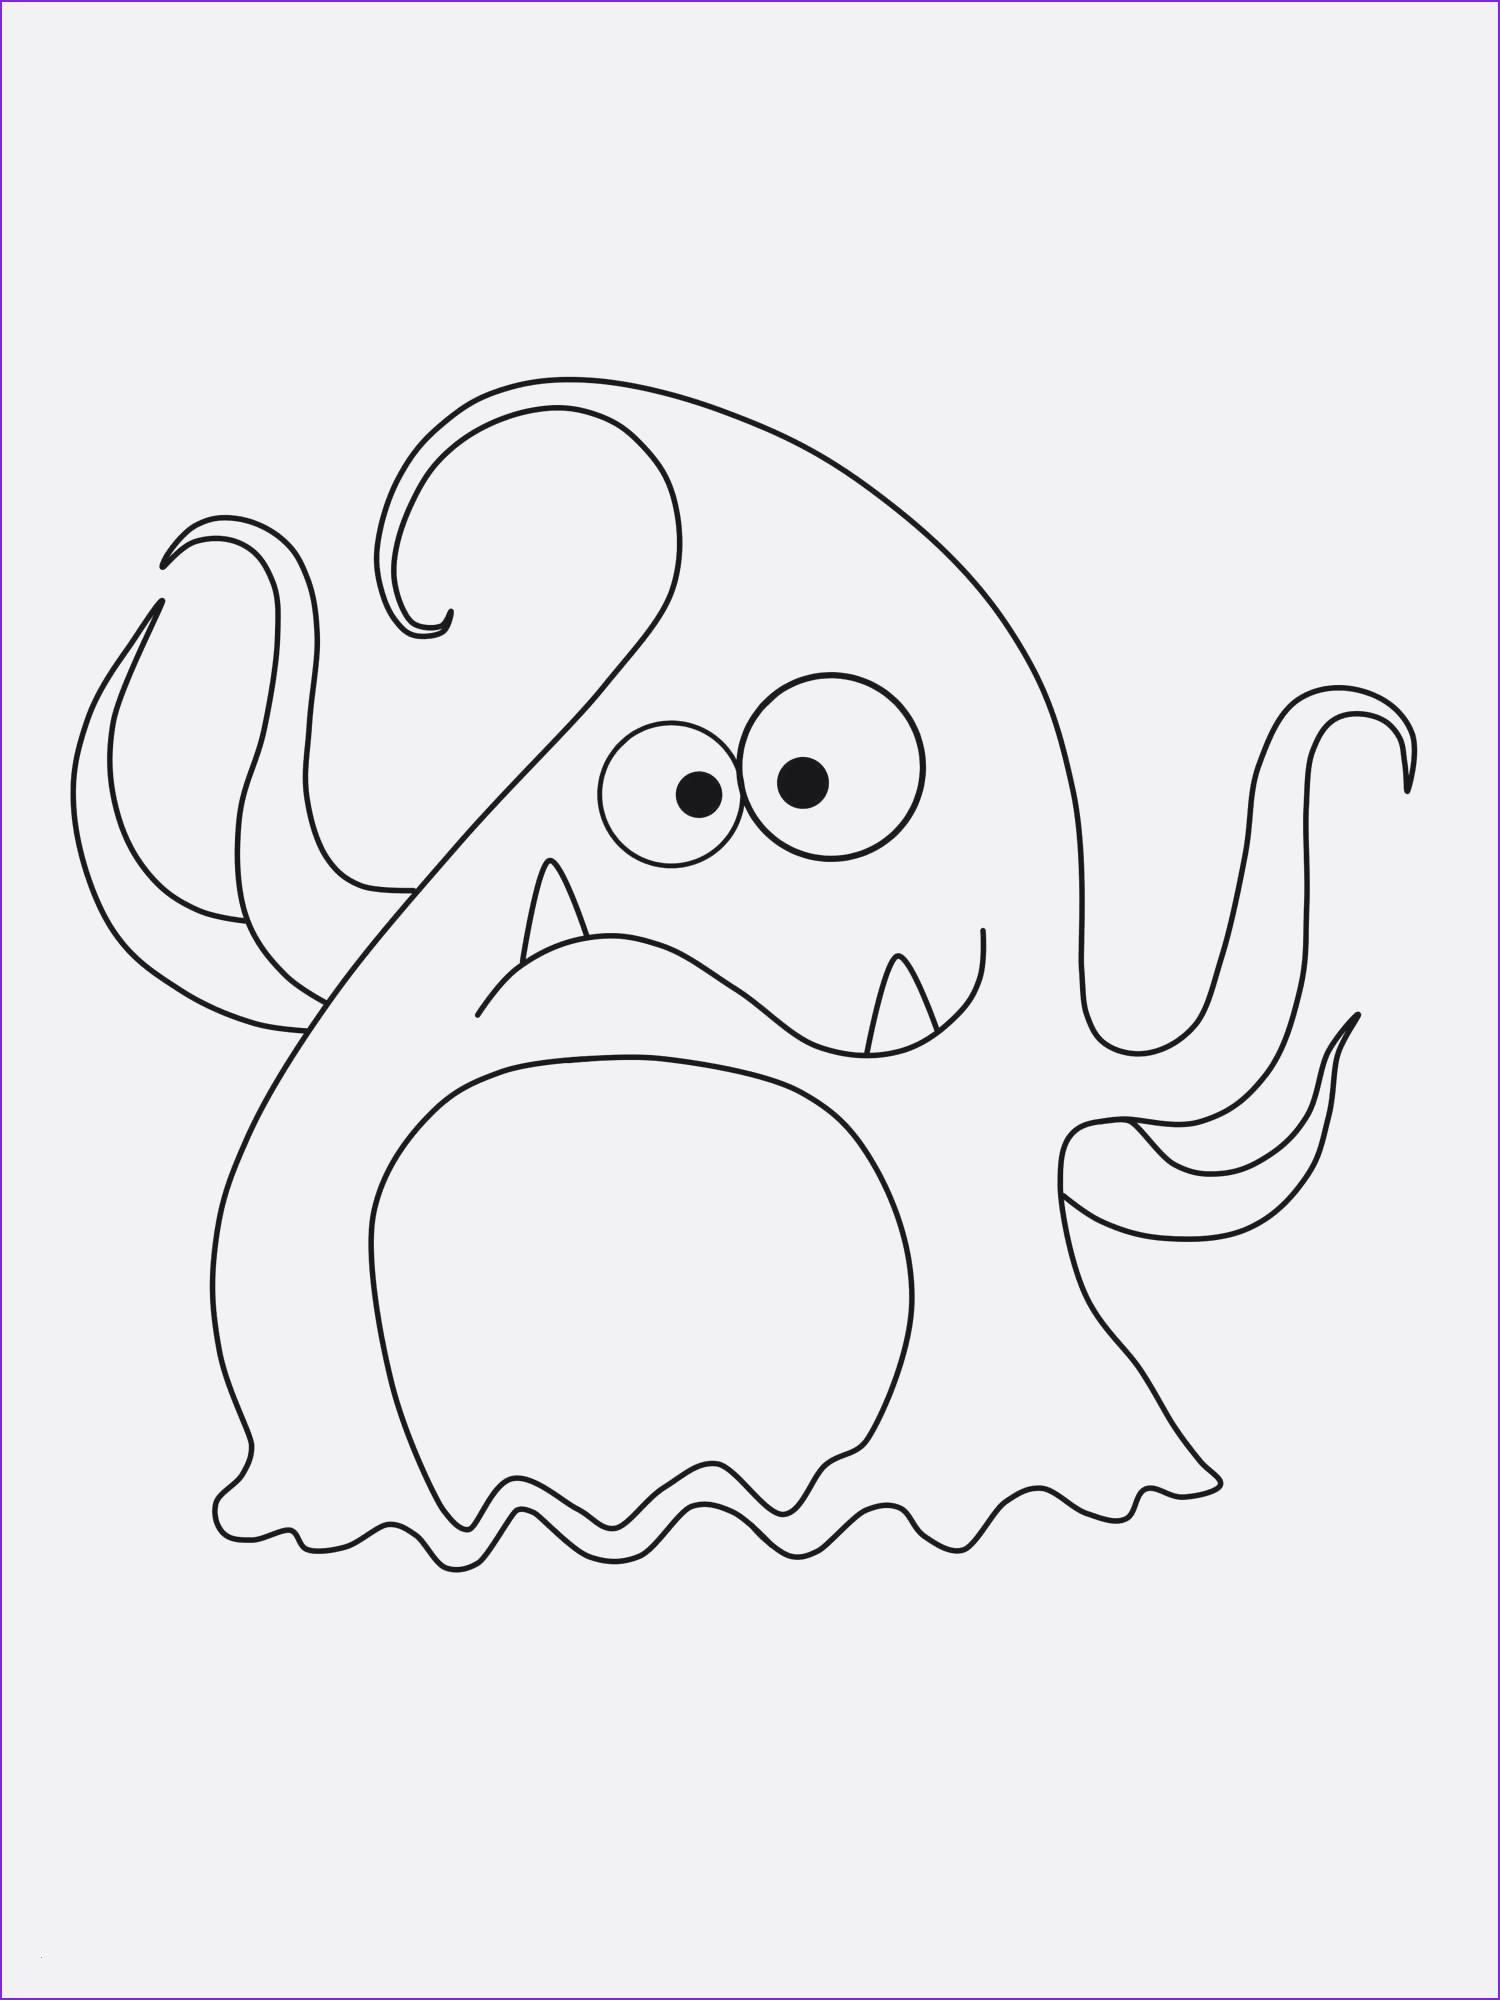 Malvorlagen Halloween Geist Einzigartig Unterwasserwelt Ausmalbilder Zum Ausdrucken Neu Halloween Das Bild